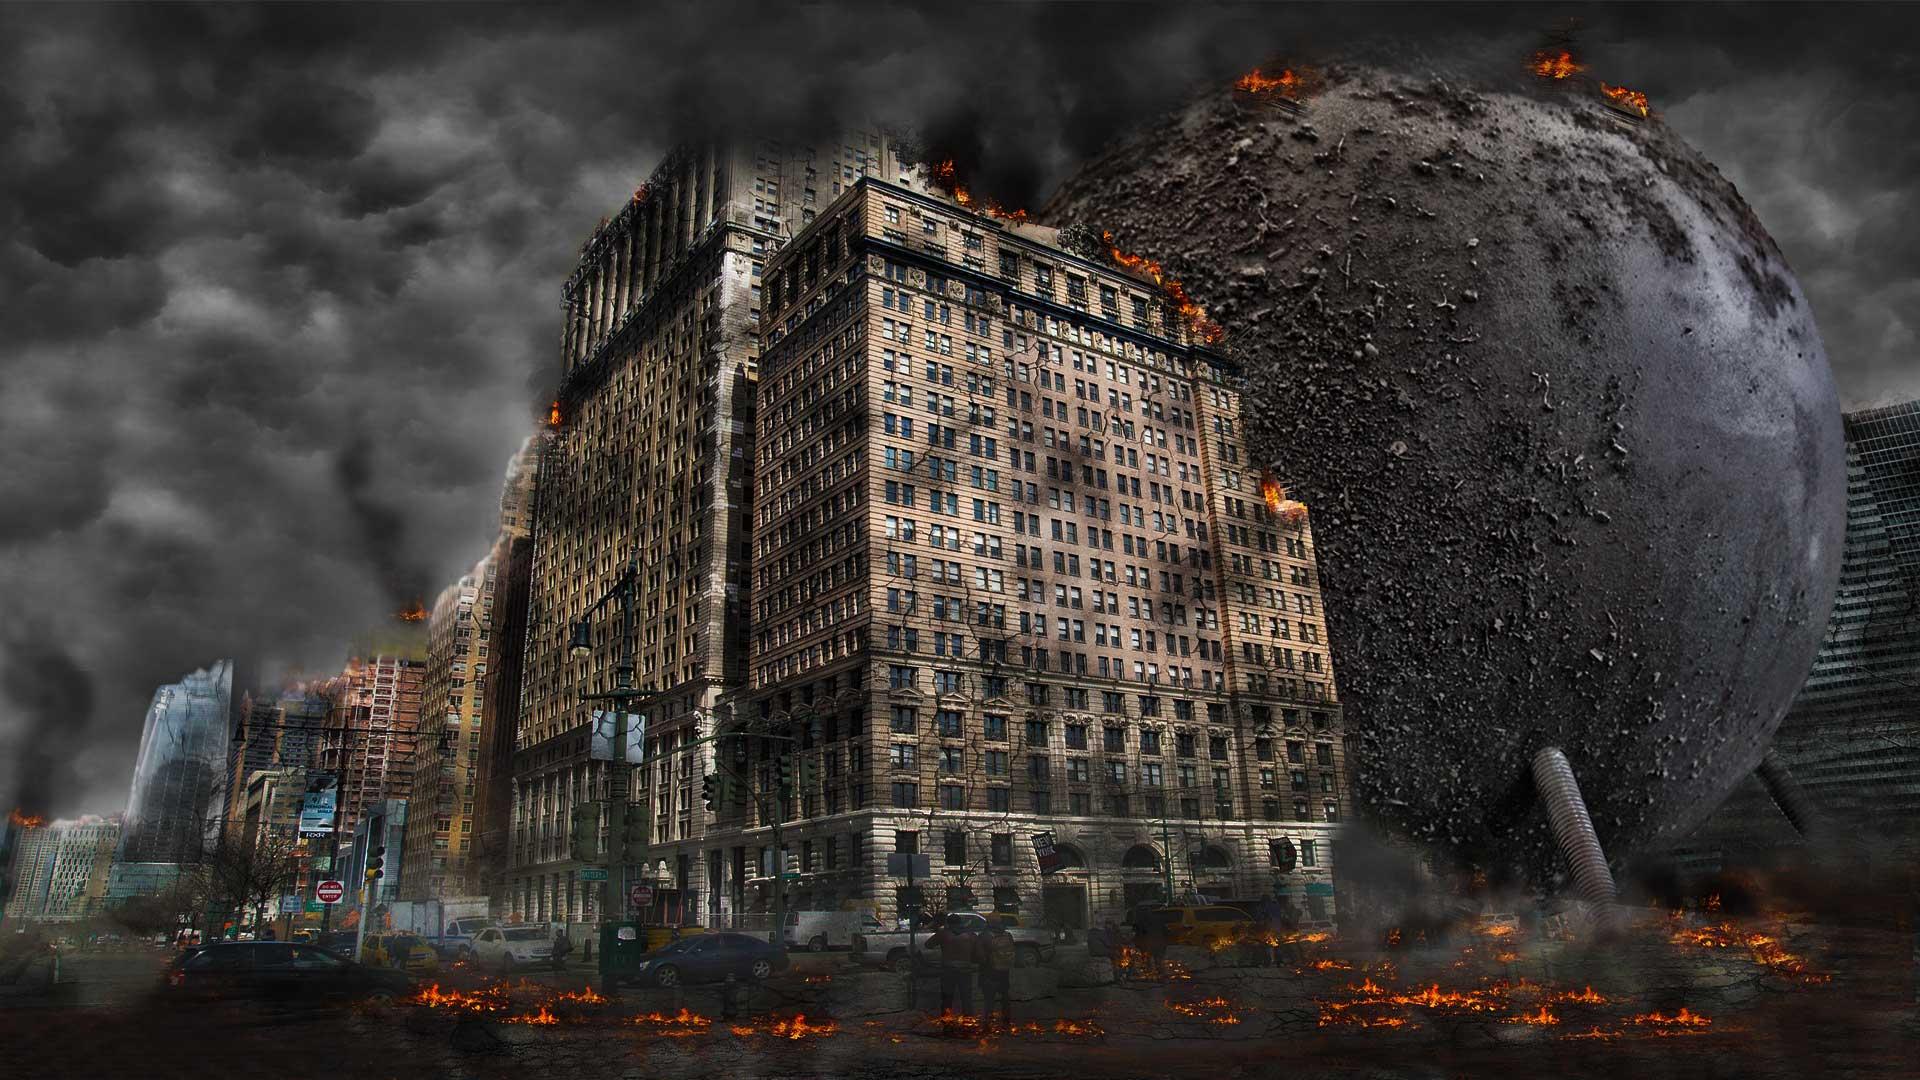 LOST GOD - The Last Judgment: UFO Lander Destroys St. Petersburg.